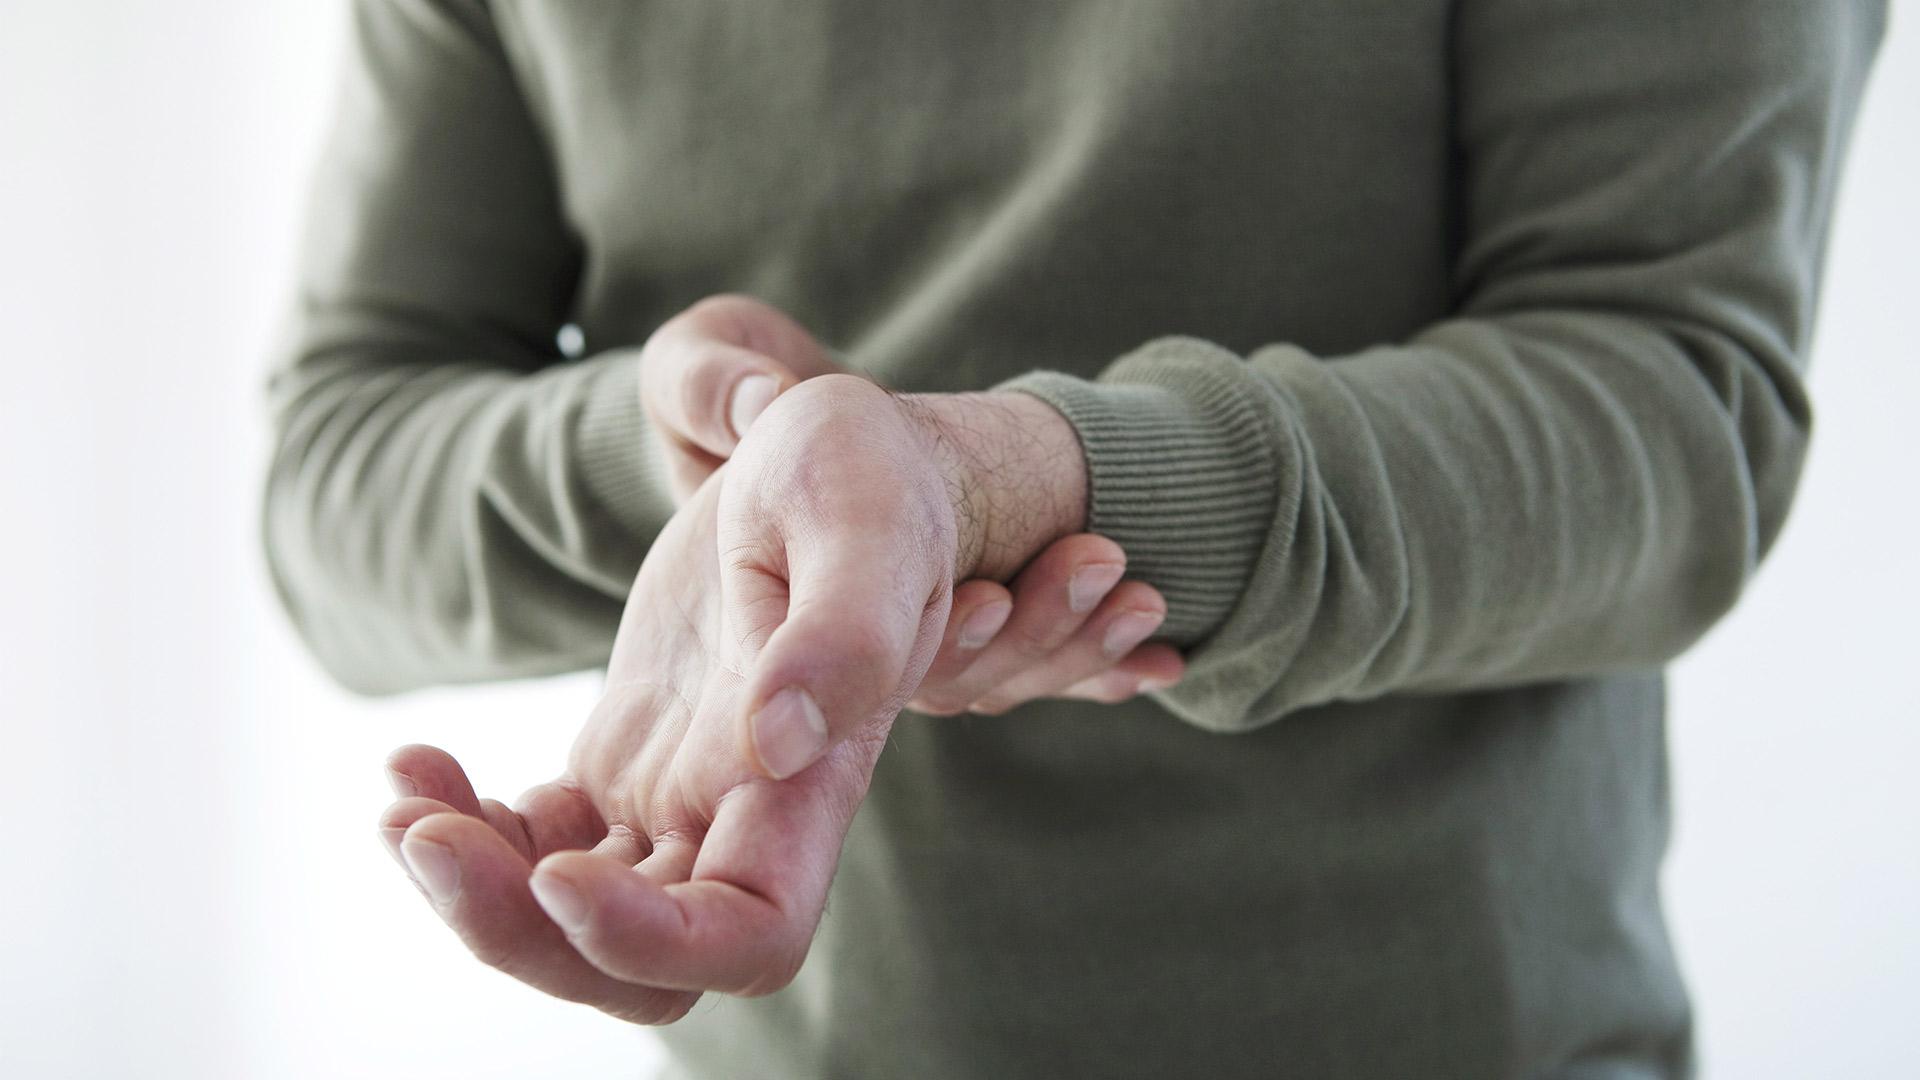 csípőízület subluxációs kezelése ízületi gyulladás 2 ujj